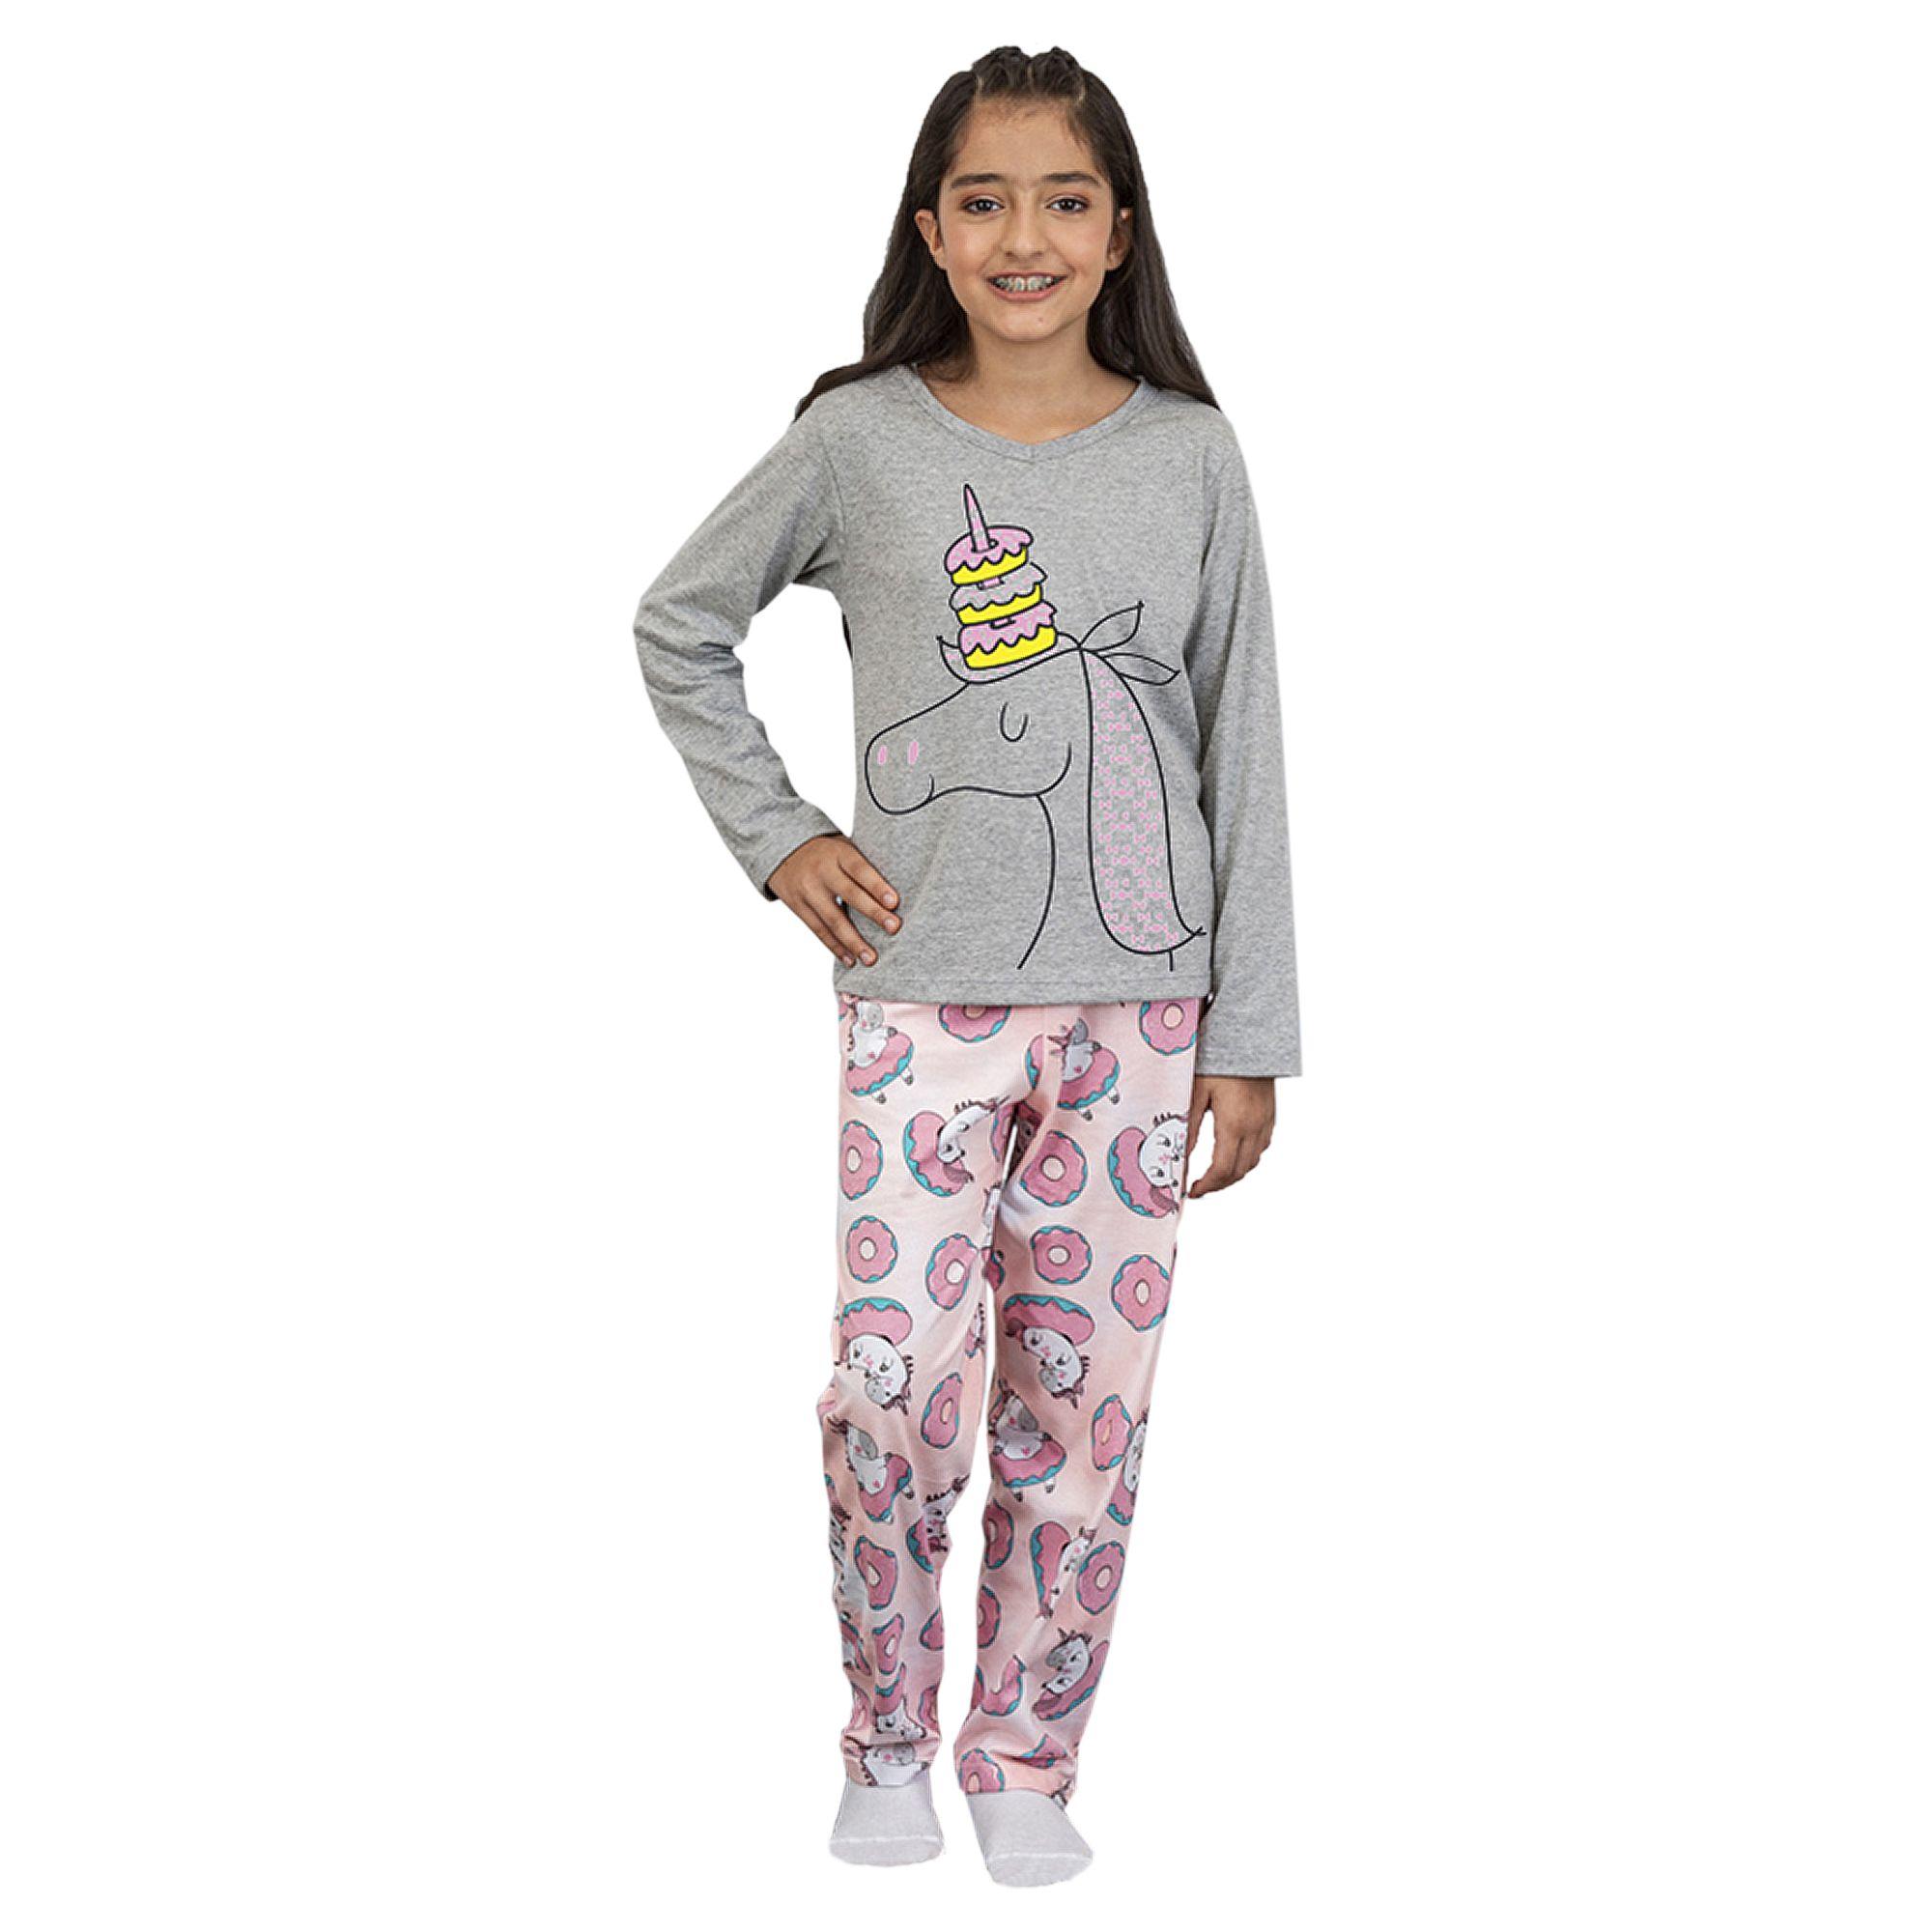 pijama-infantil-manga-longa-unicornio-cinza-rosquinhas-rosas